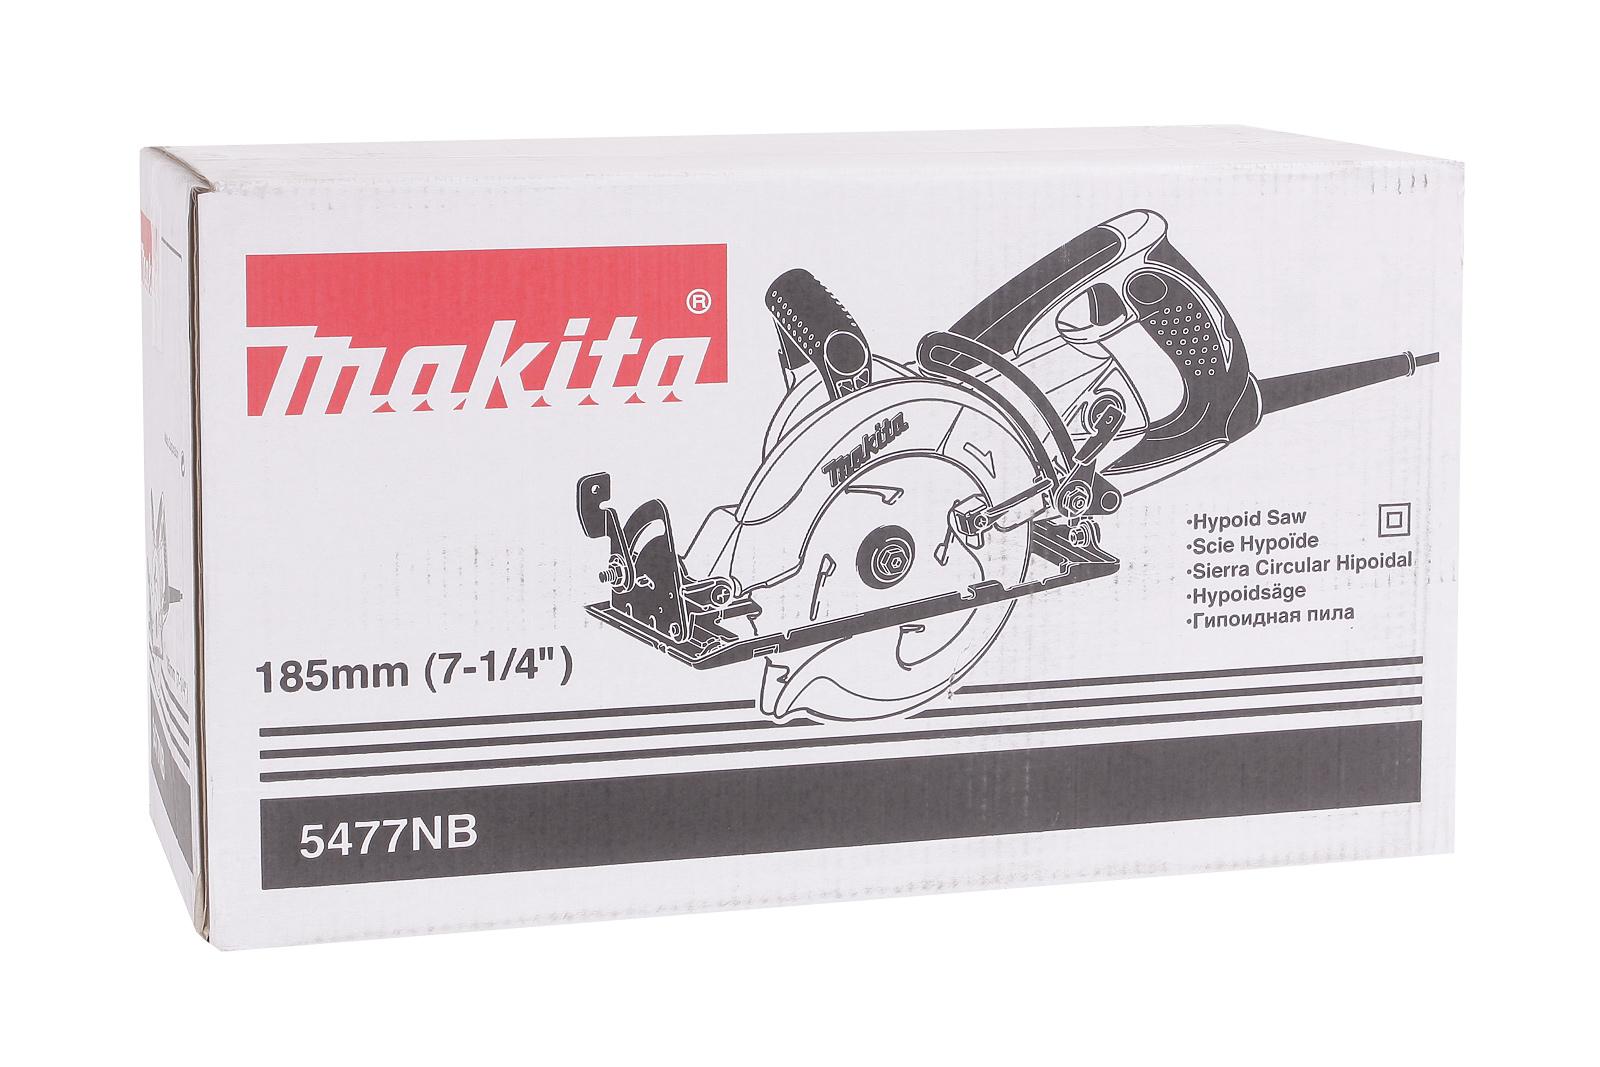 Пила циркулярная Makita 5477nb